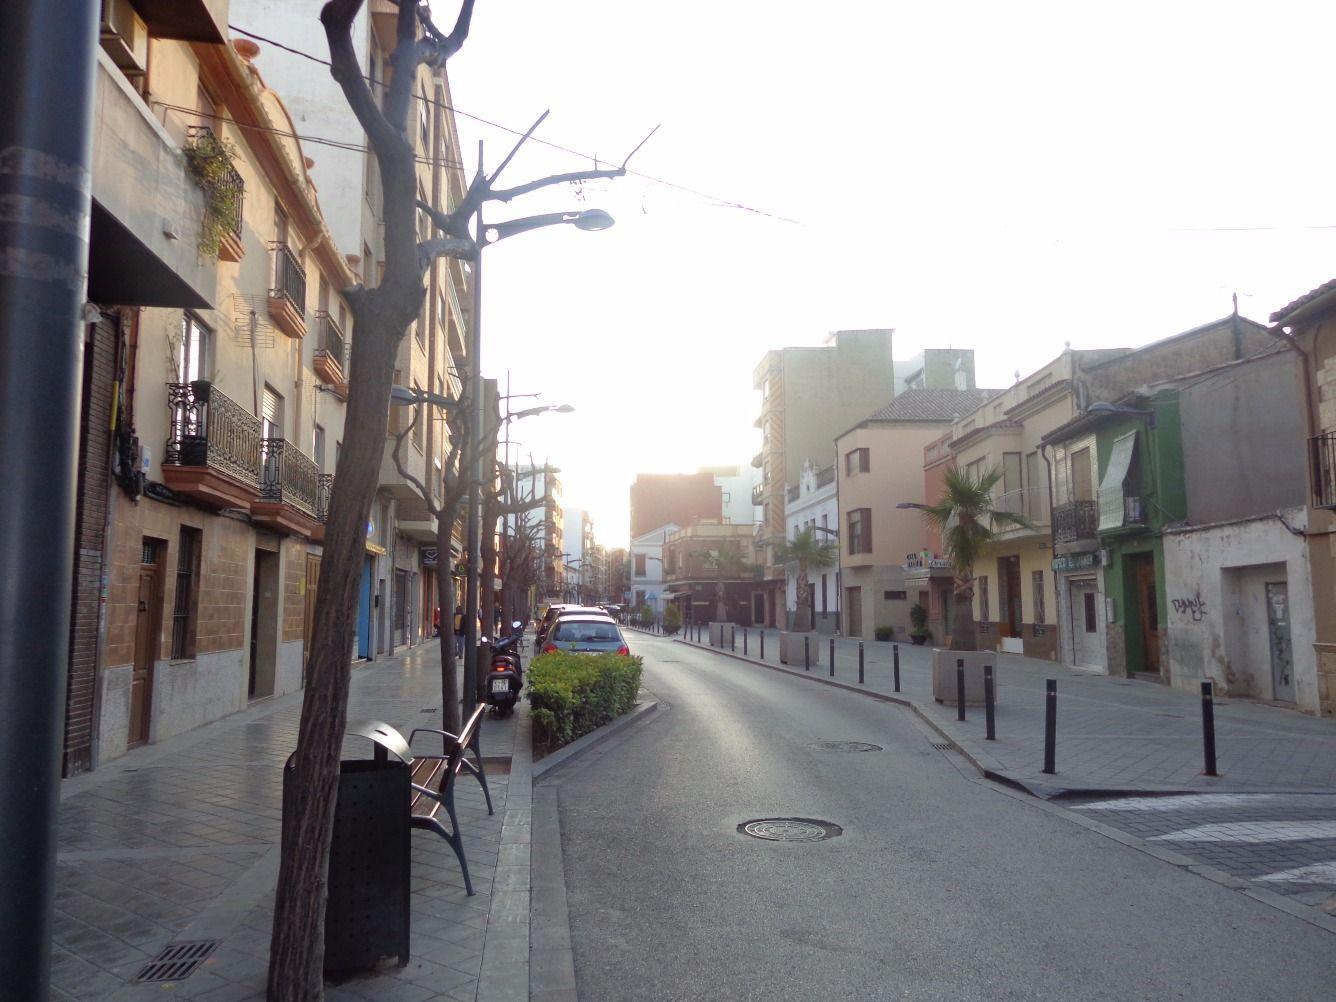 Alquiler Almacén  Calle san antonio, 5. !!! últimos trasteros en la calle san antonio (chirivella) !!!